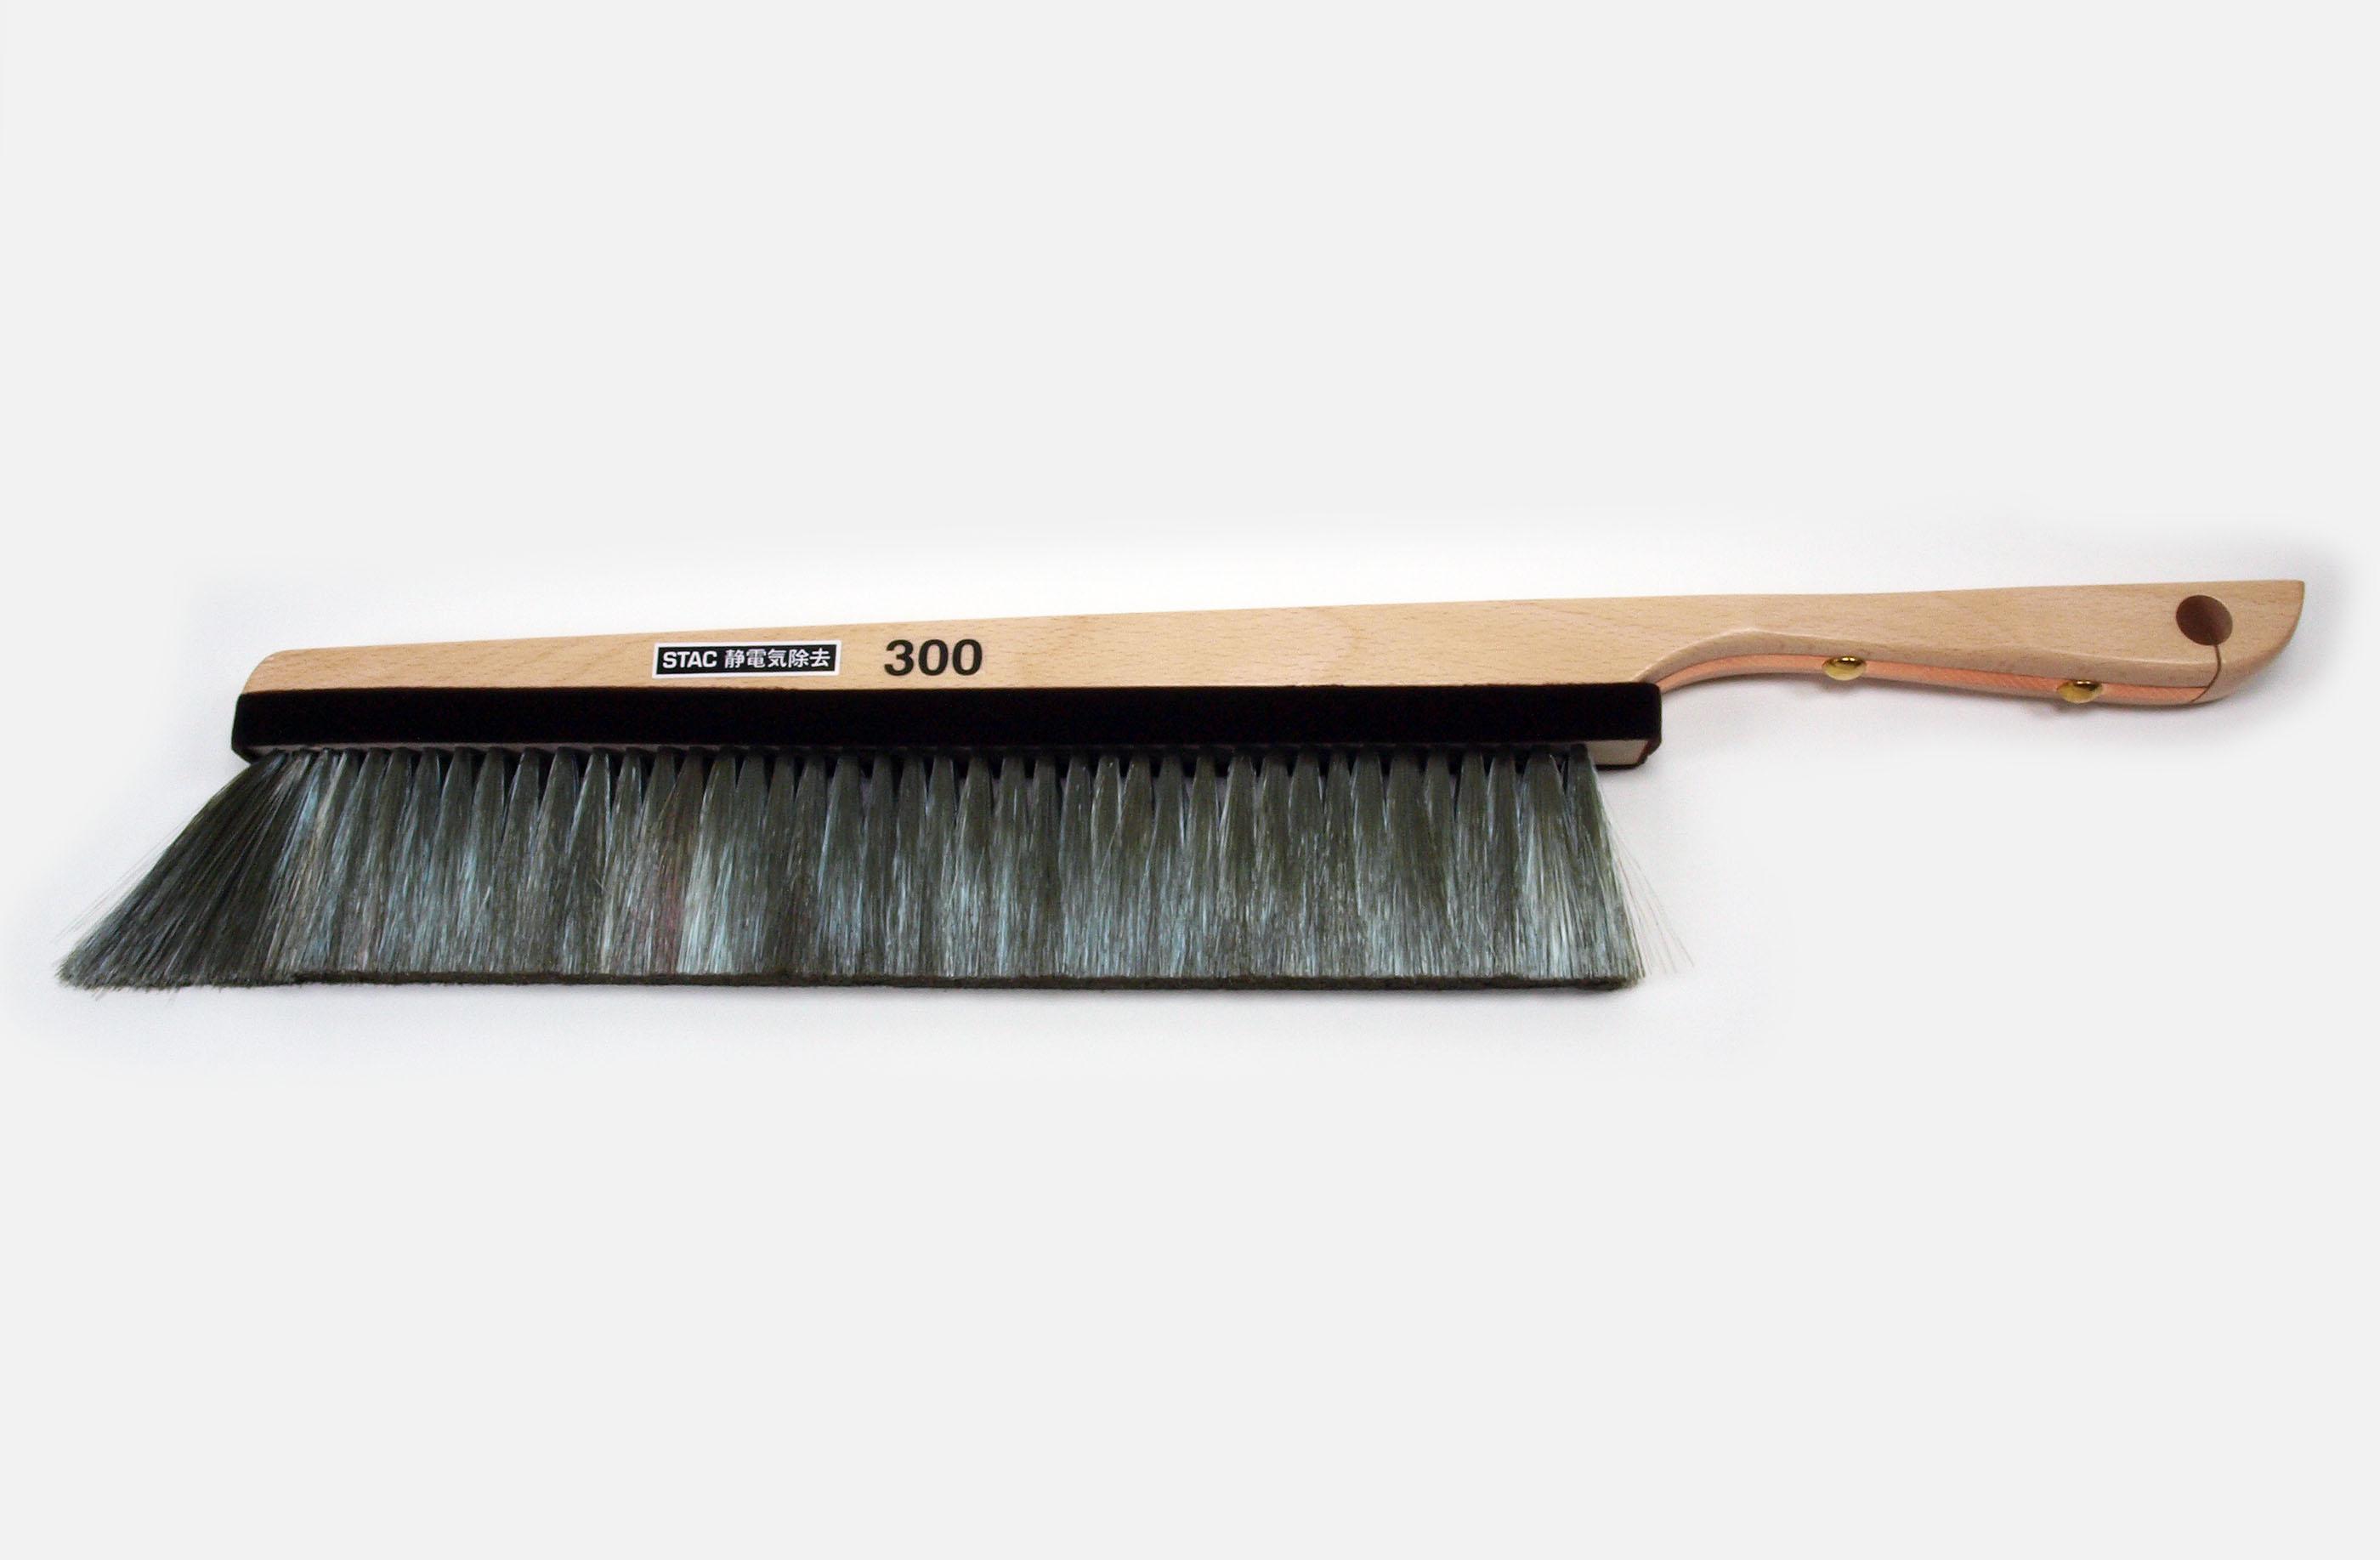 ハンド木柄ゴールド除電ブラシSTAC300